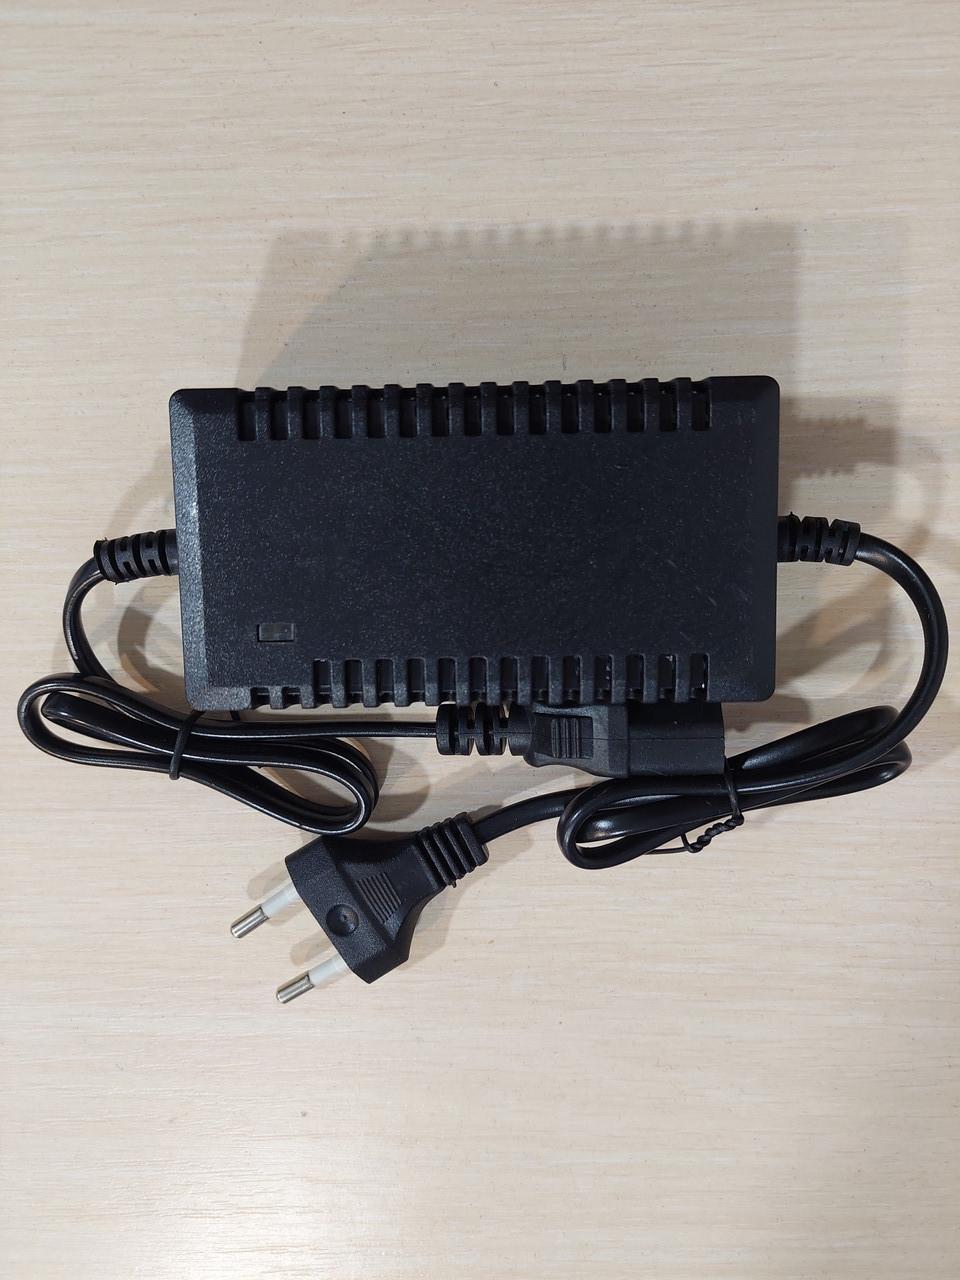 Зарядка для аккумуляторного опрыскивателя. Подходит для большинства электрических опрыскивателей.